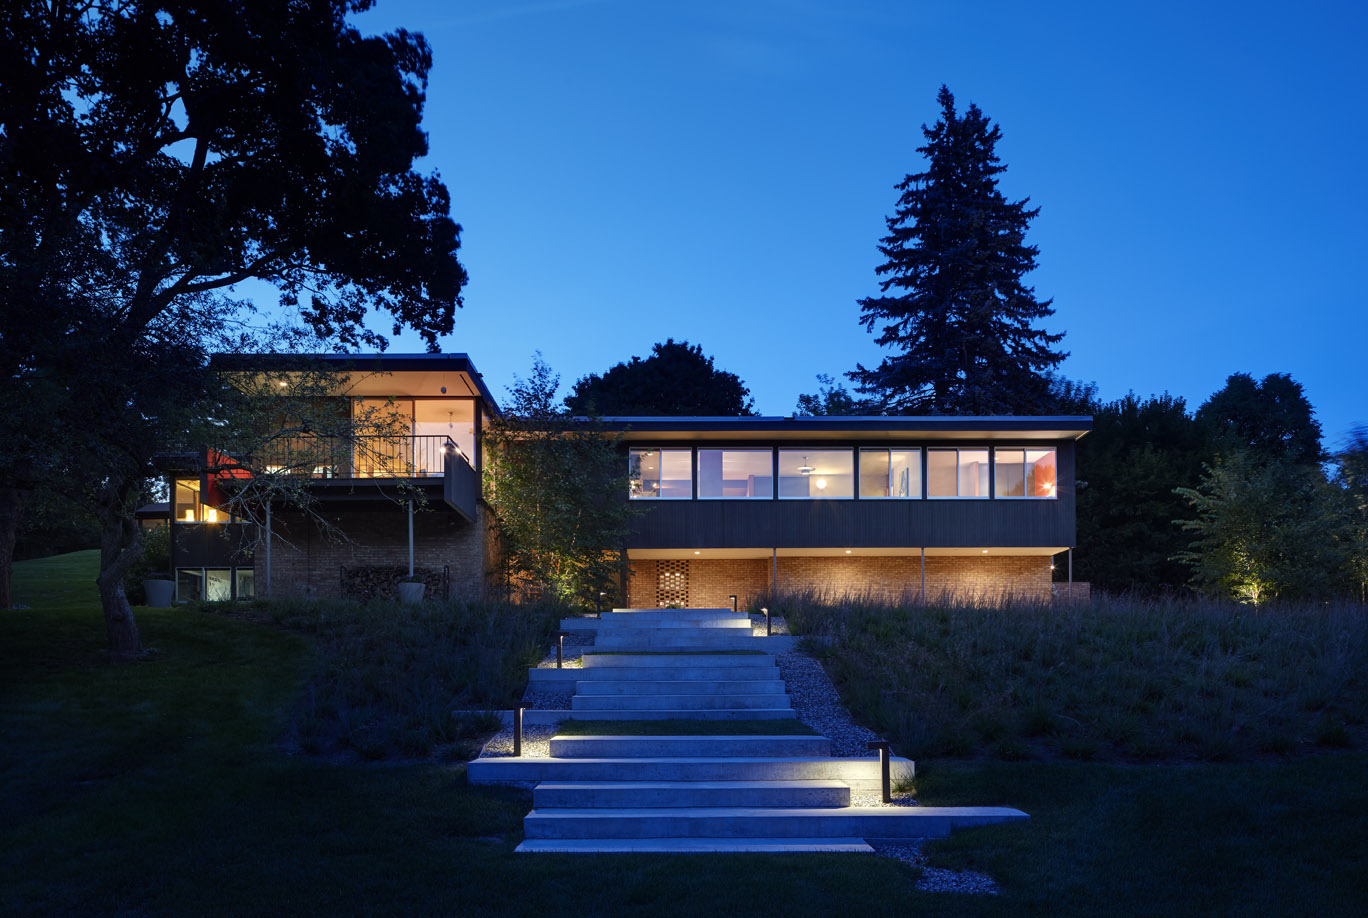 Michigan Architectural Foundation